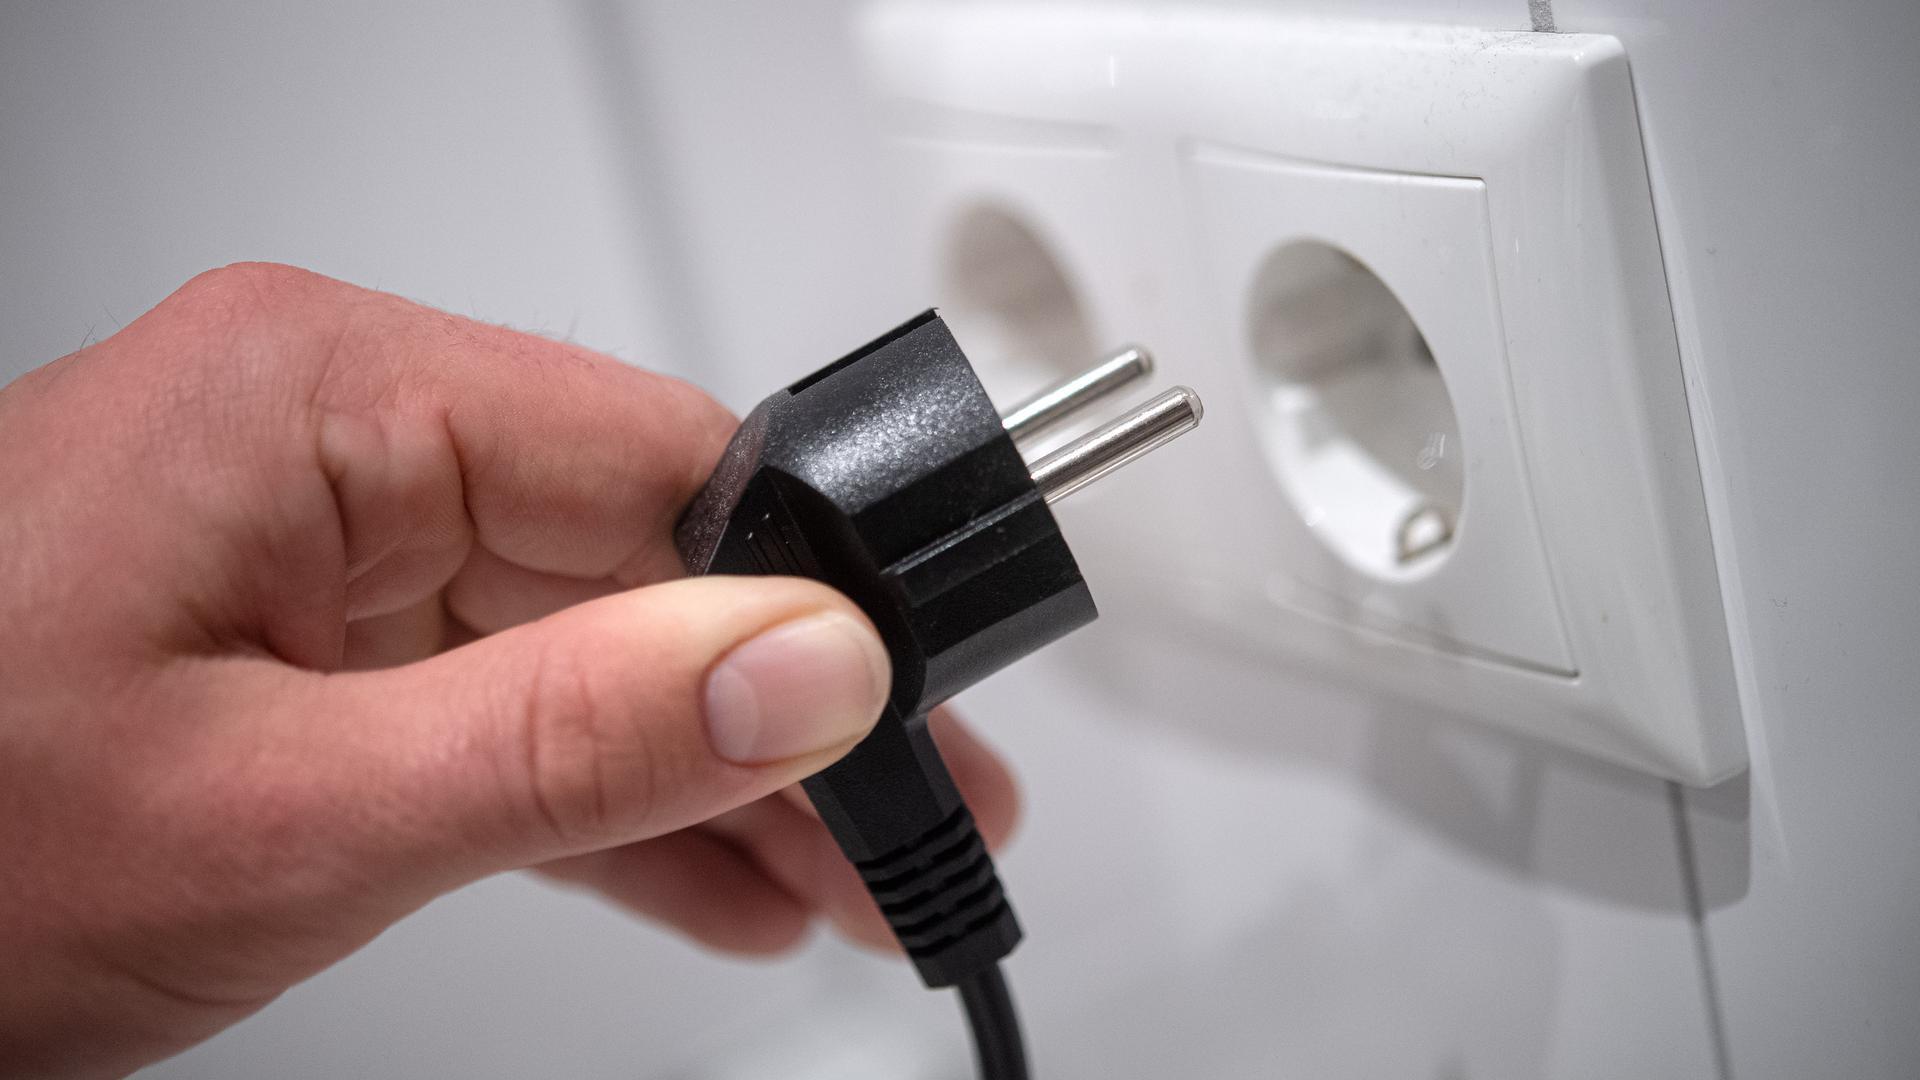 Ein Stecker wird in eine Steckdose gesteckt.